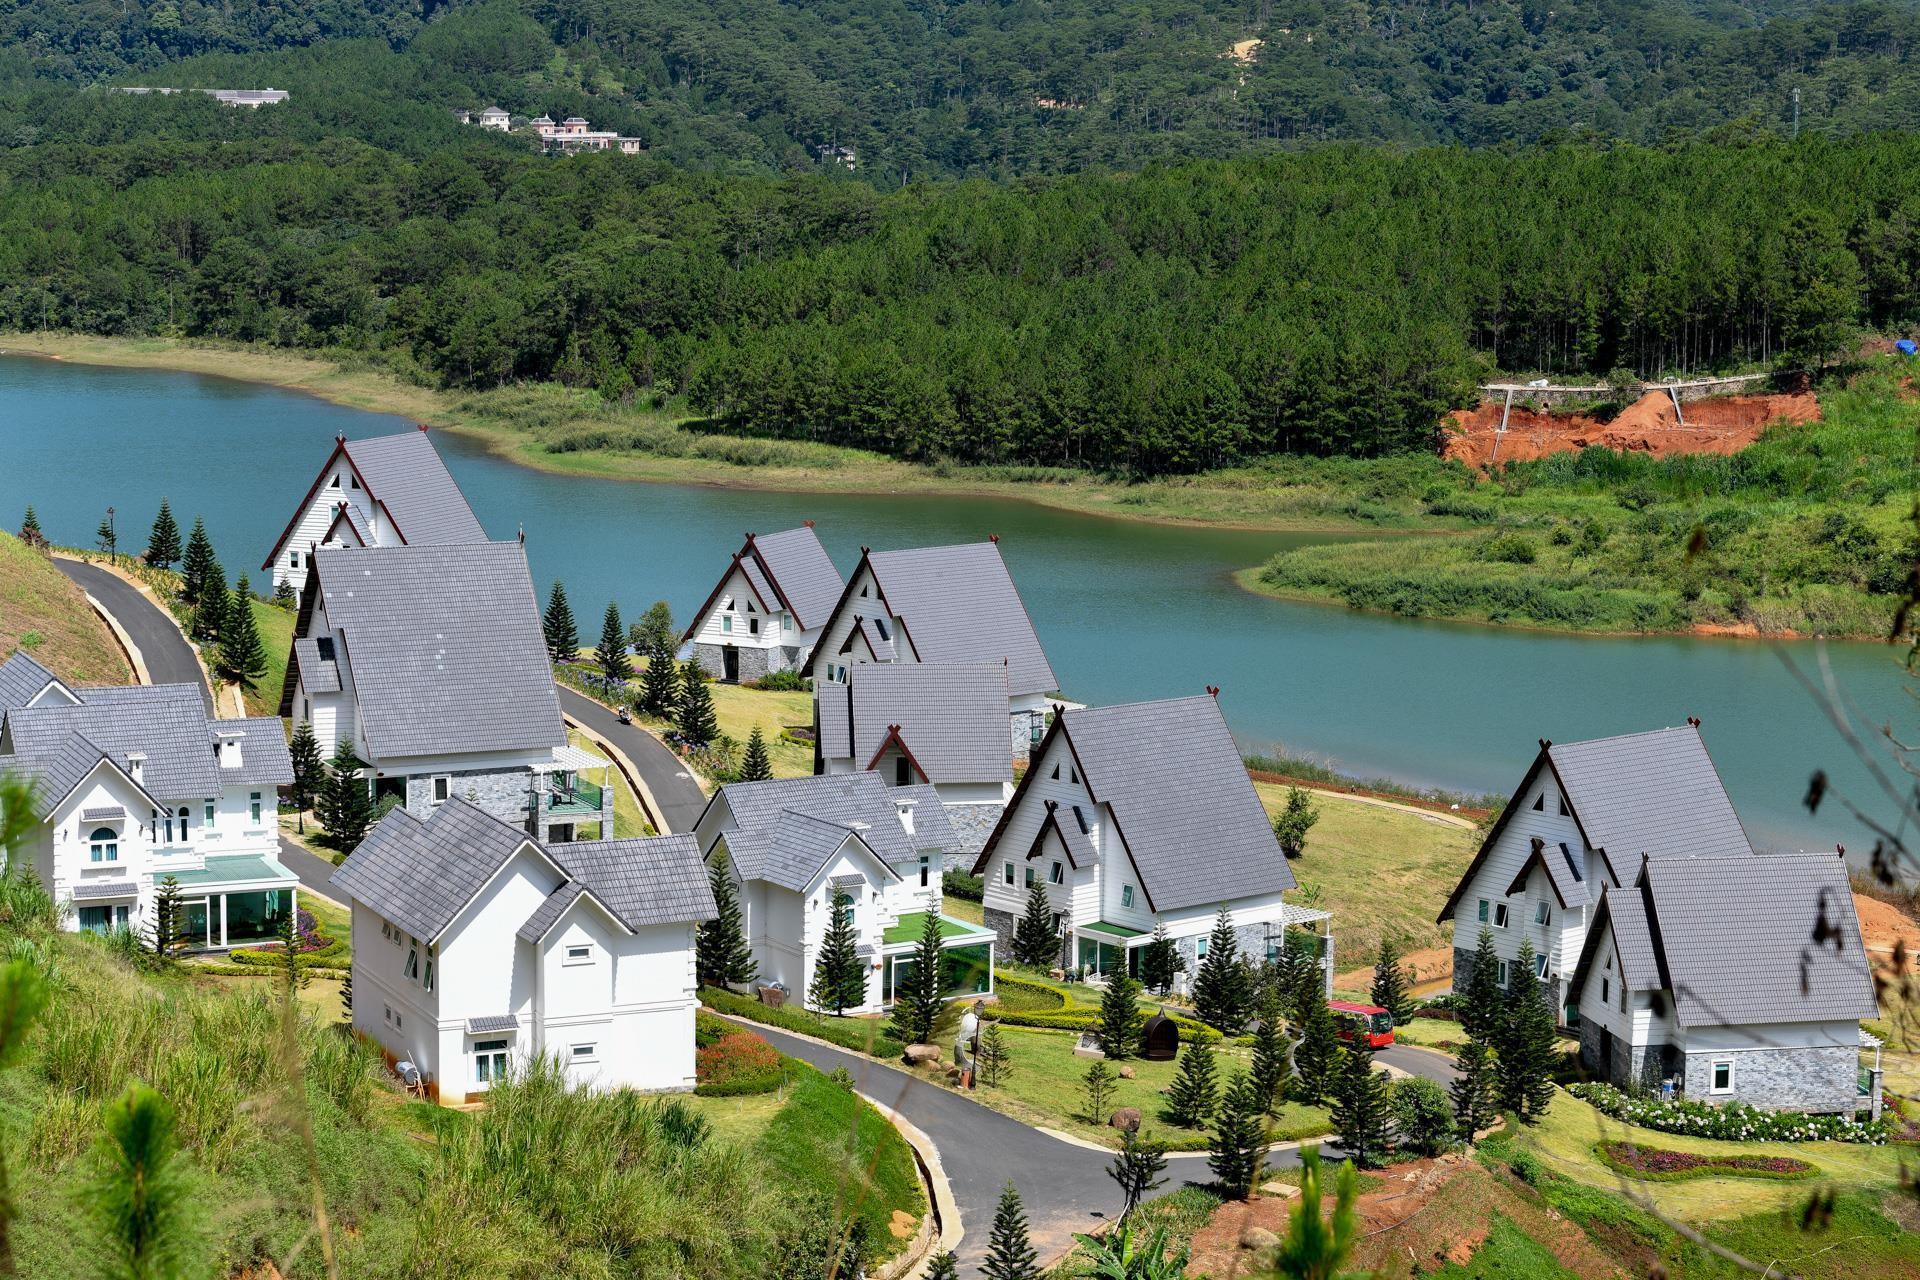 Nhiều dự án bất động sản sai phạm 'bao vây' hồ Tuyền Lâm ở Đà Lạt - Ảnh 5.